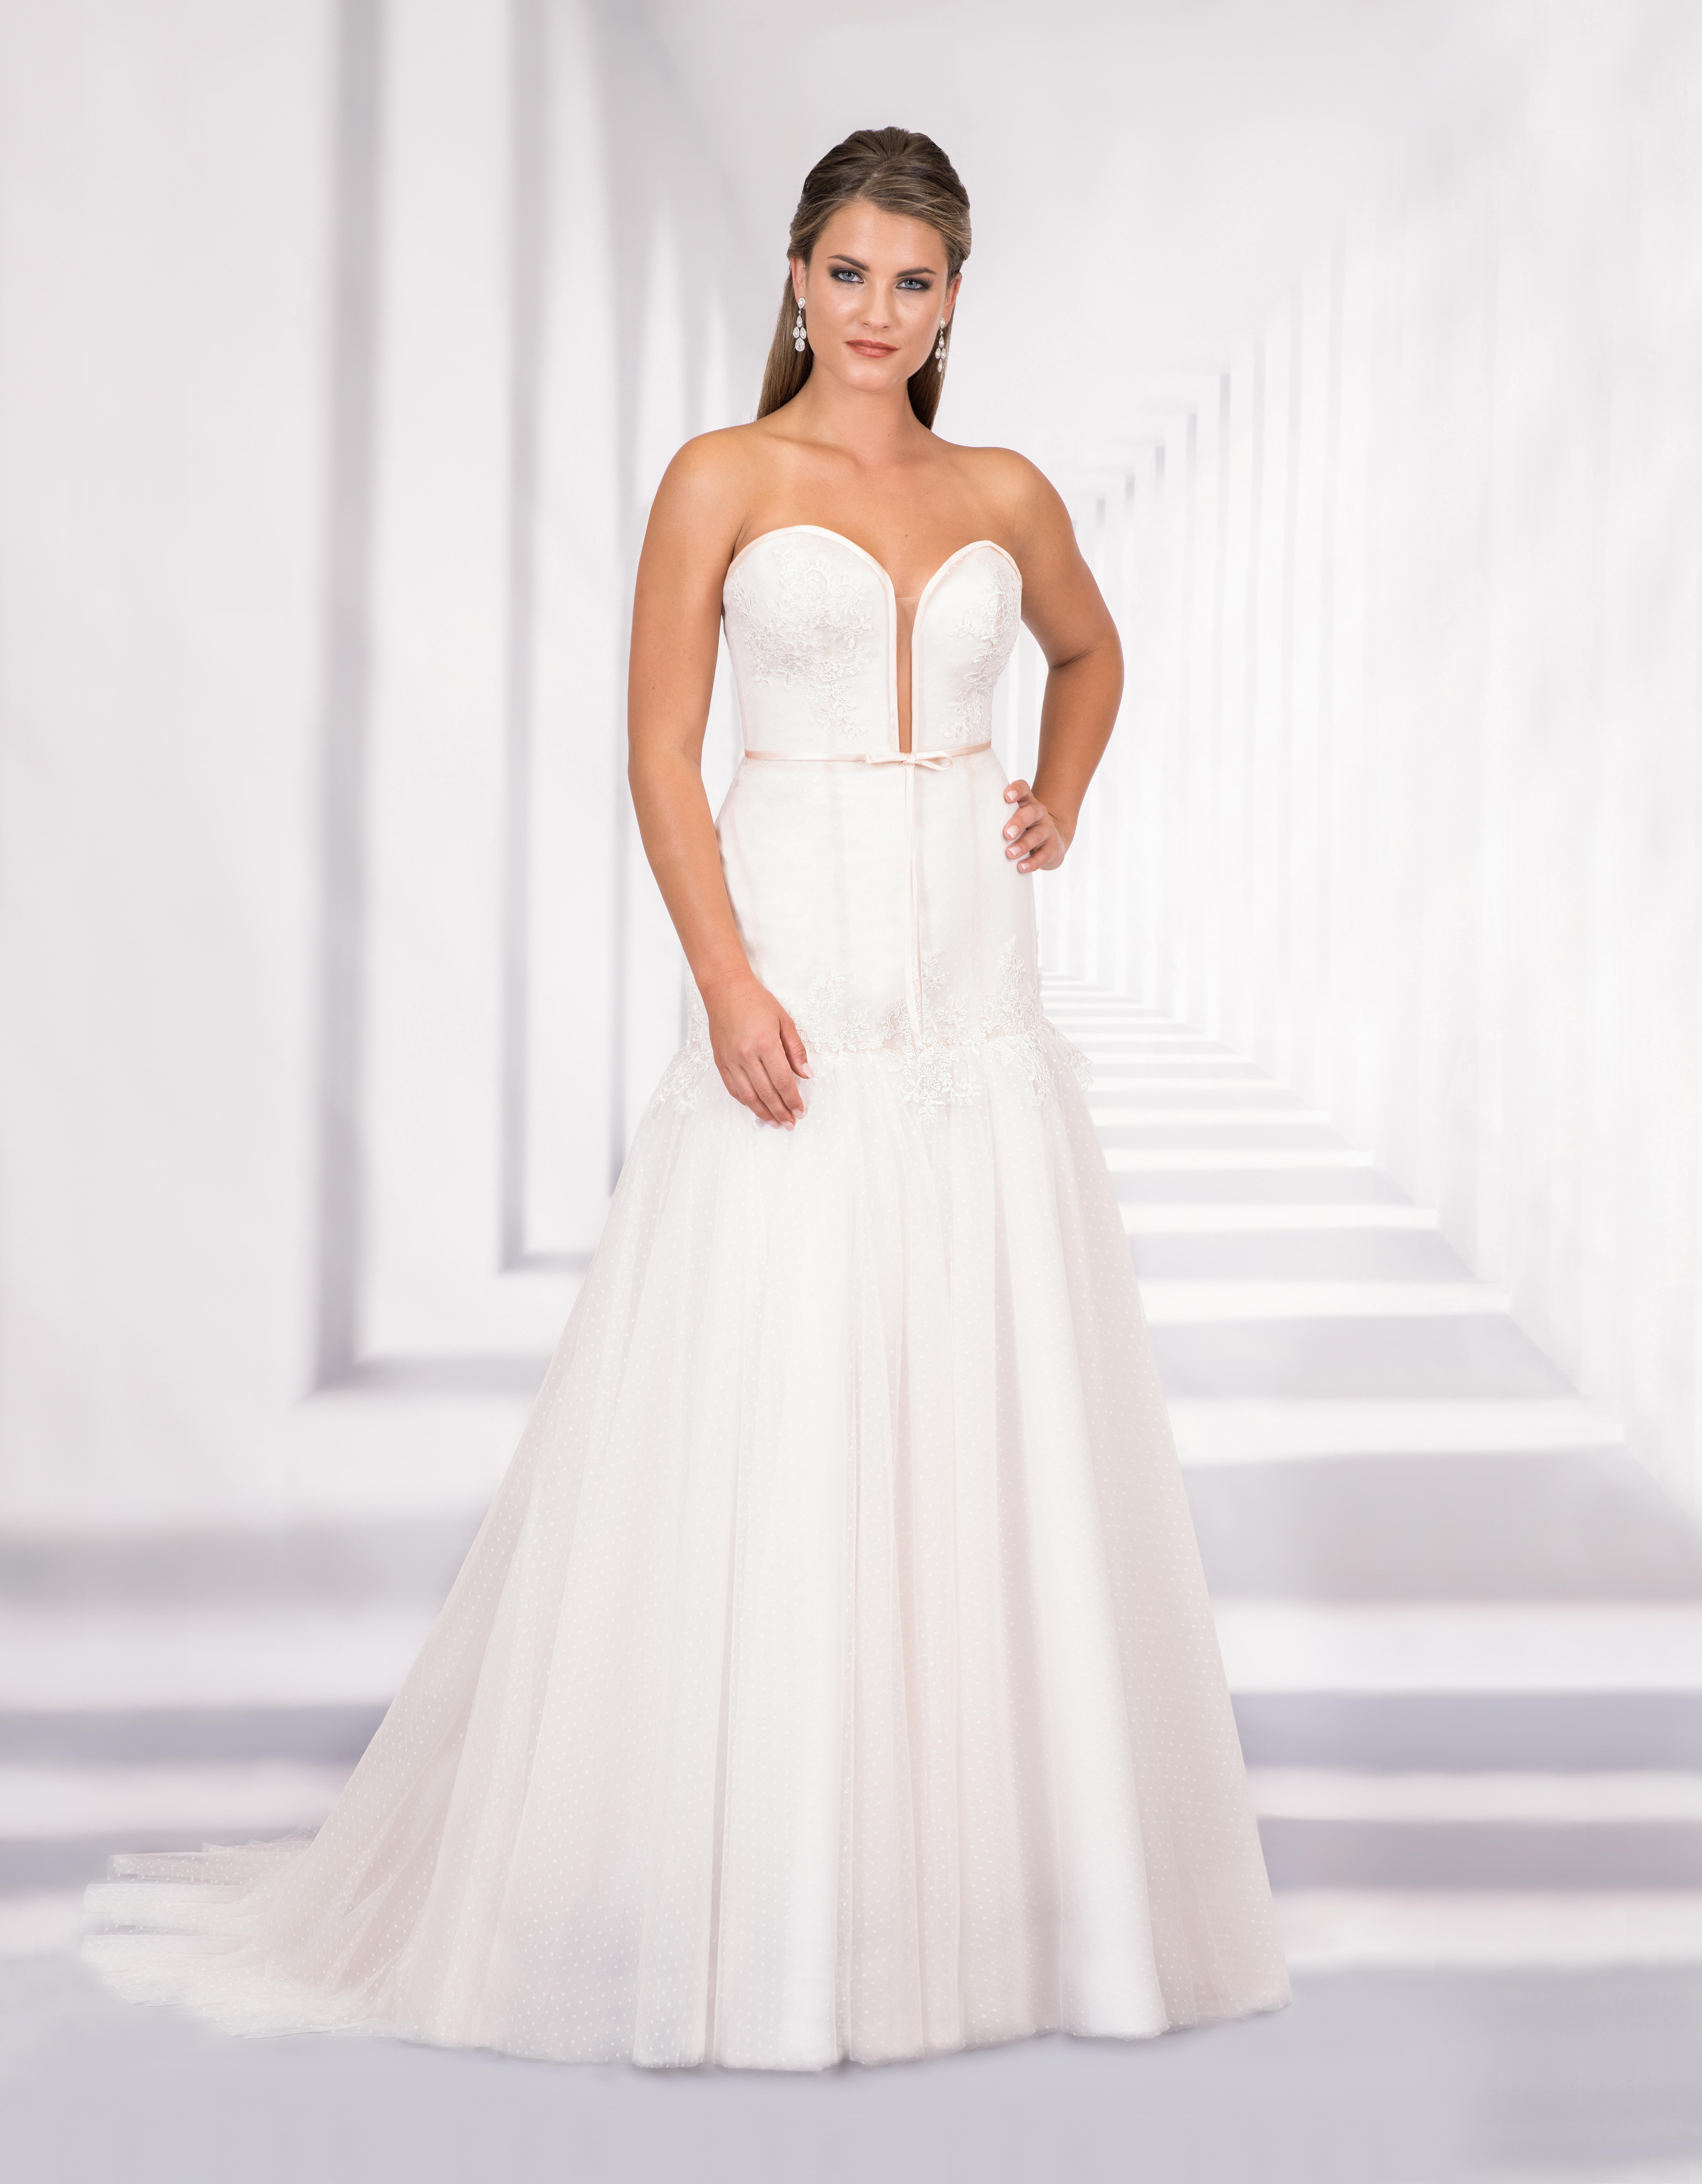 Trägerloses Brautkleid mit tiefem Ausschnitt